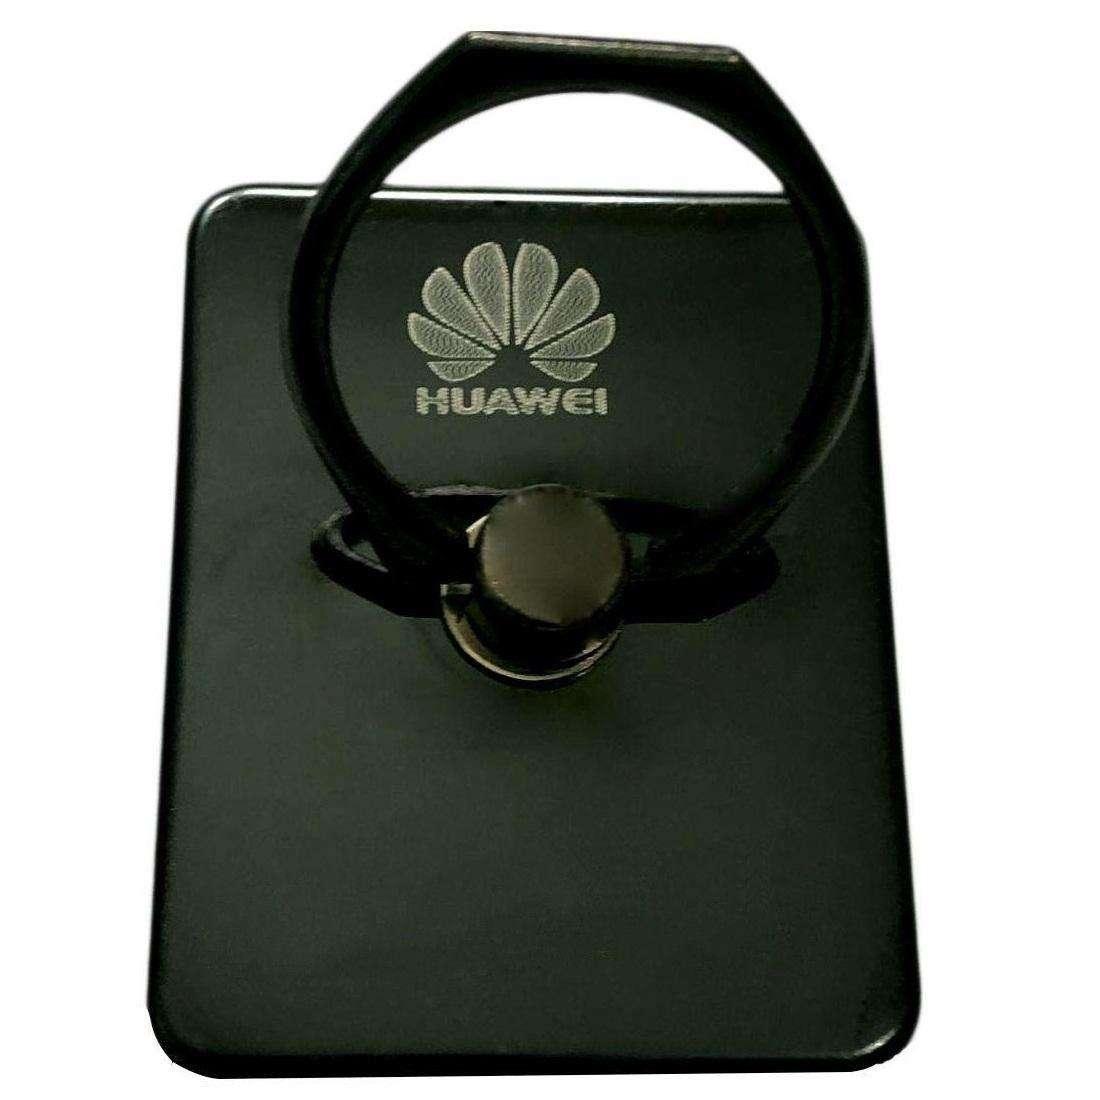 حلقه نگهدارنده گوشی موبایل مدل Hu01